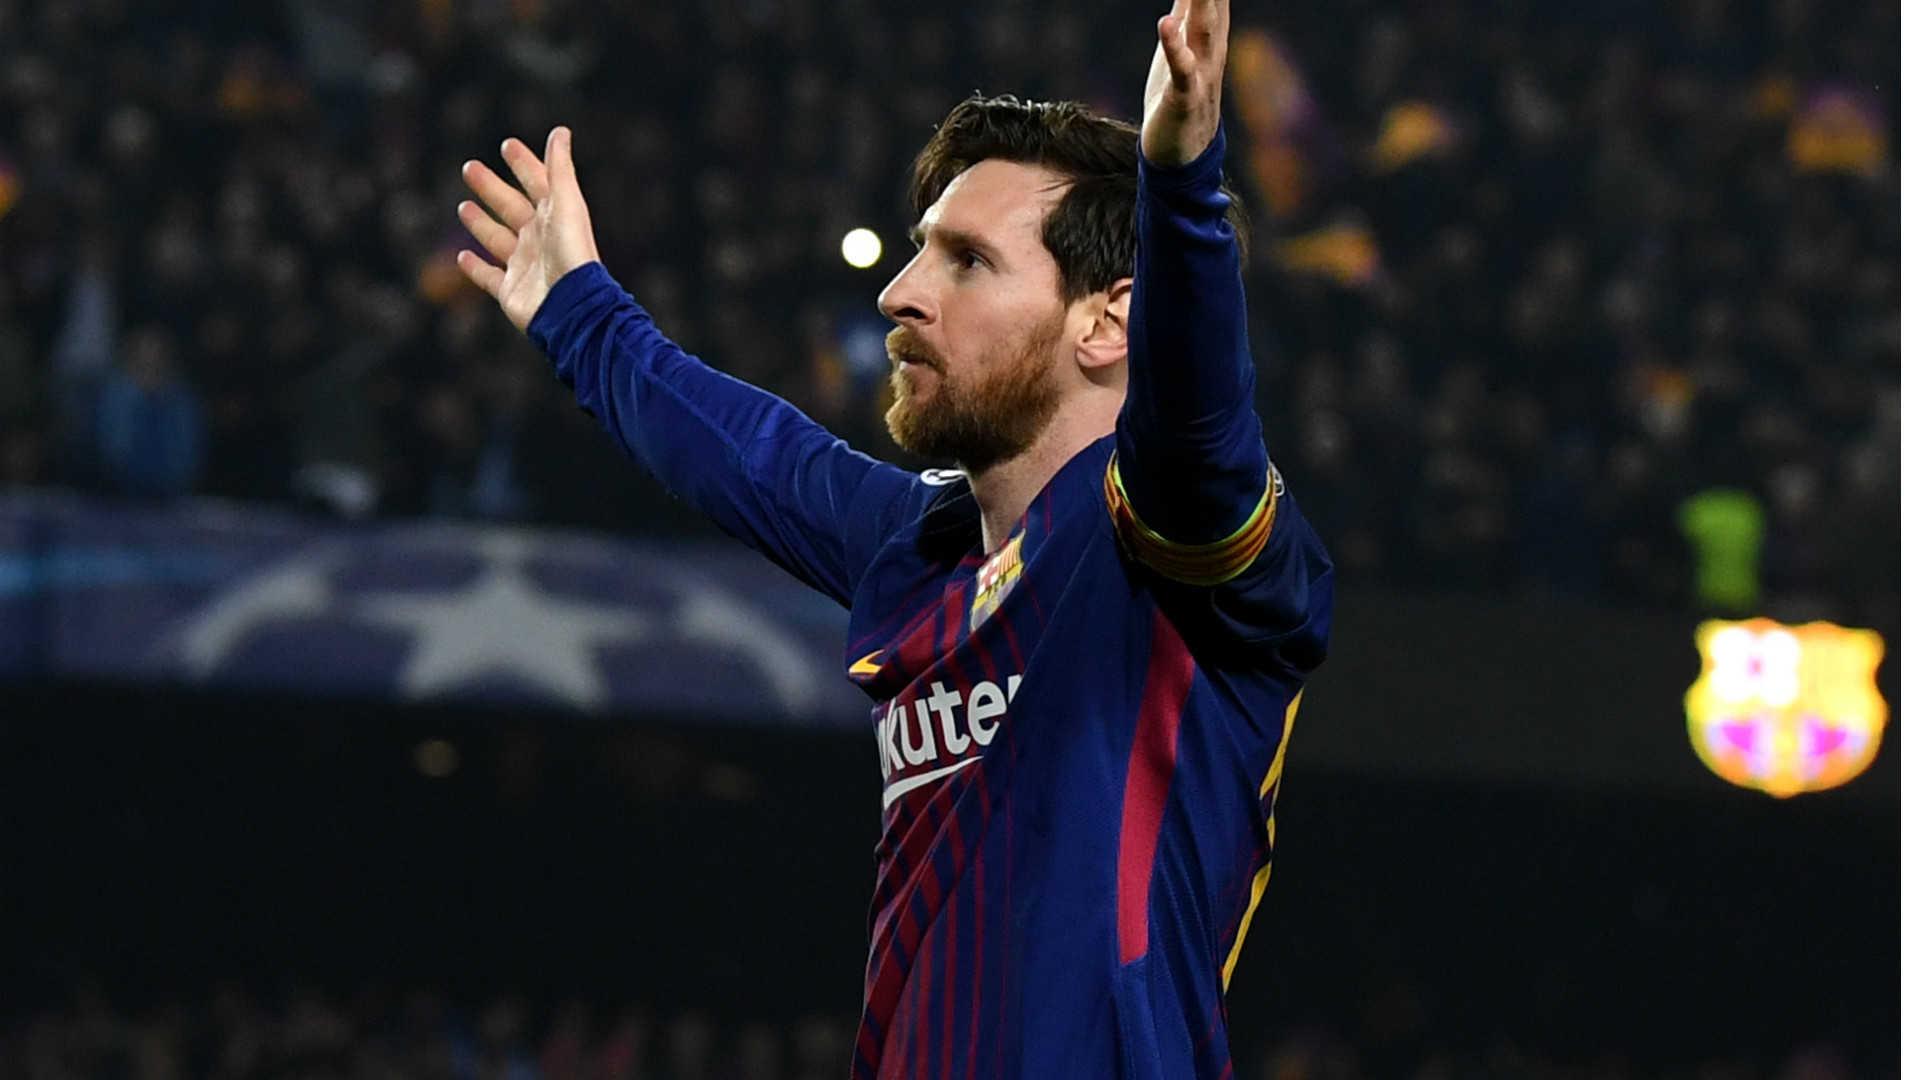 Chấn thương của Messi không có gì nghiêm trọng. Man City chuẩn bị gia hạn hợp đồng với Sterling